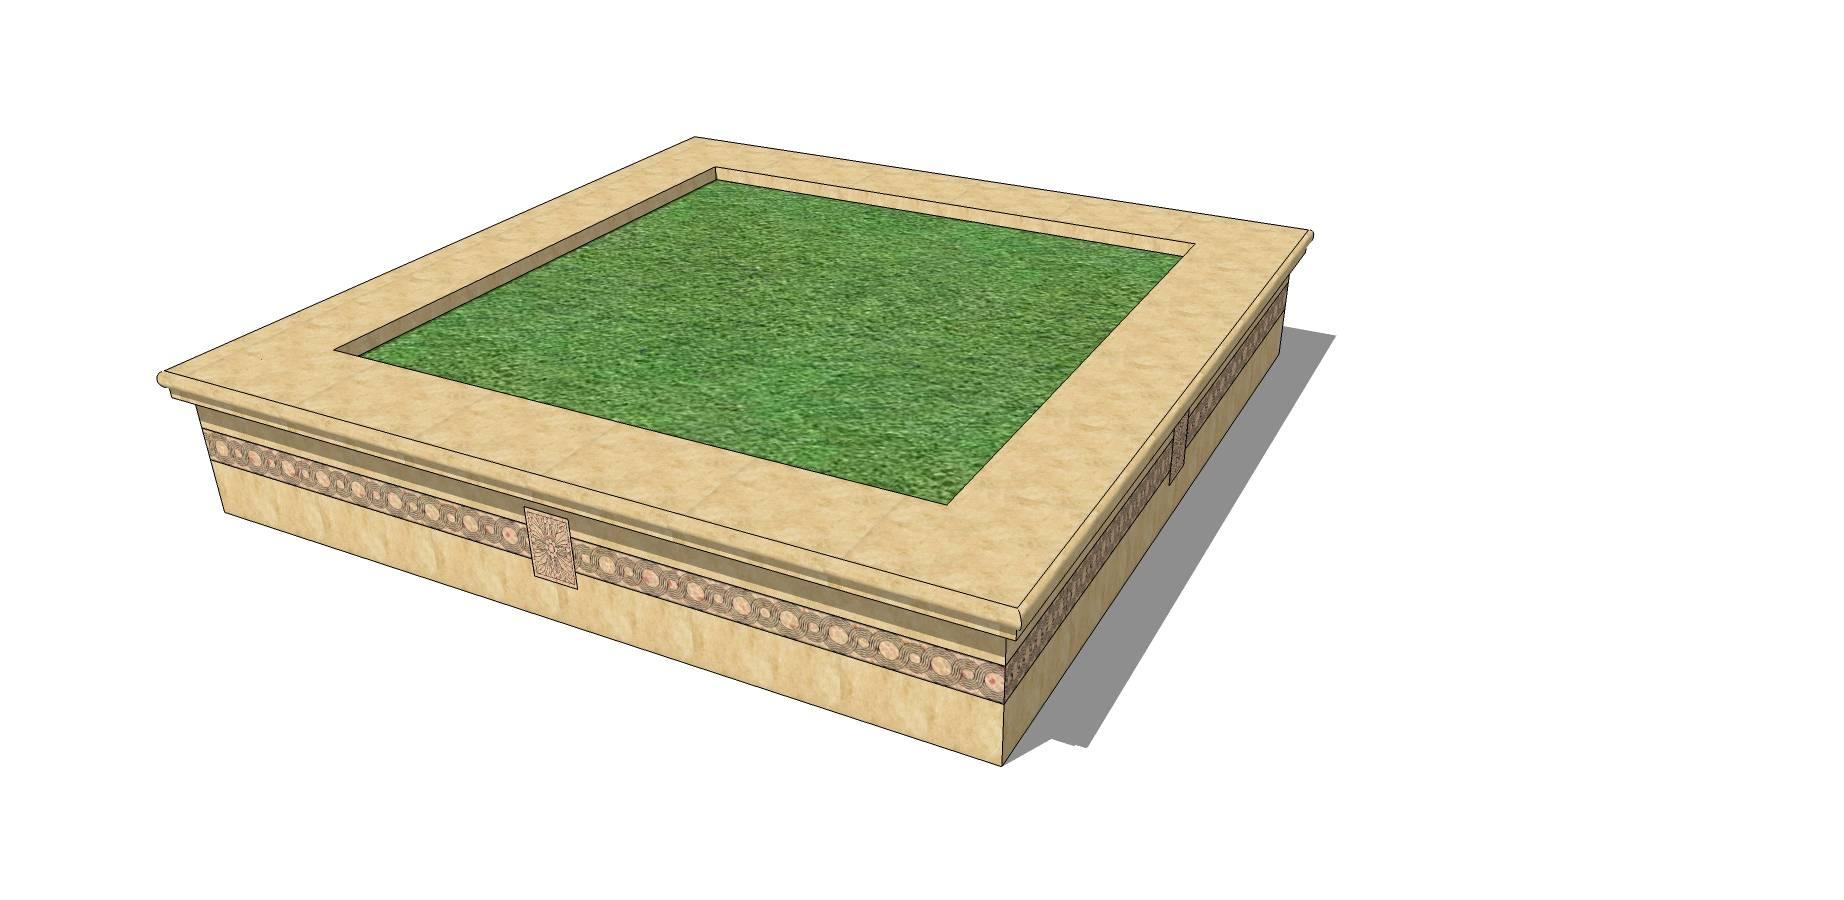 矩形树池坐凳sketchup模型素材